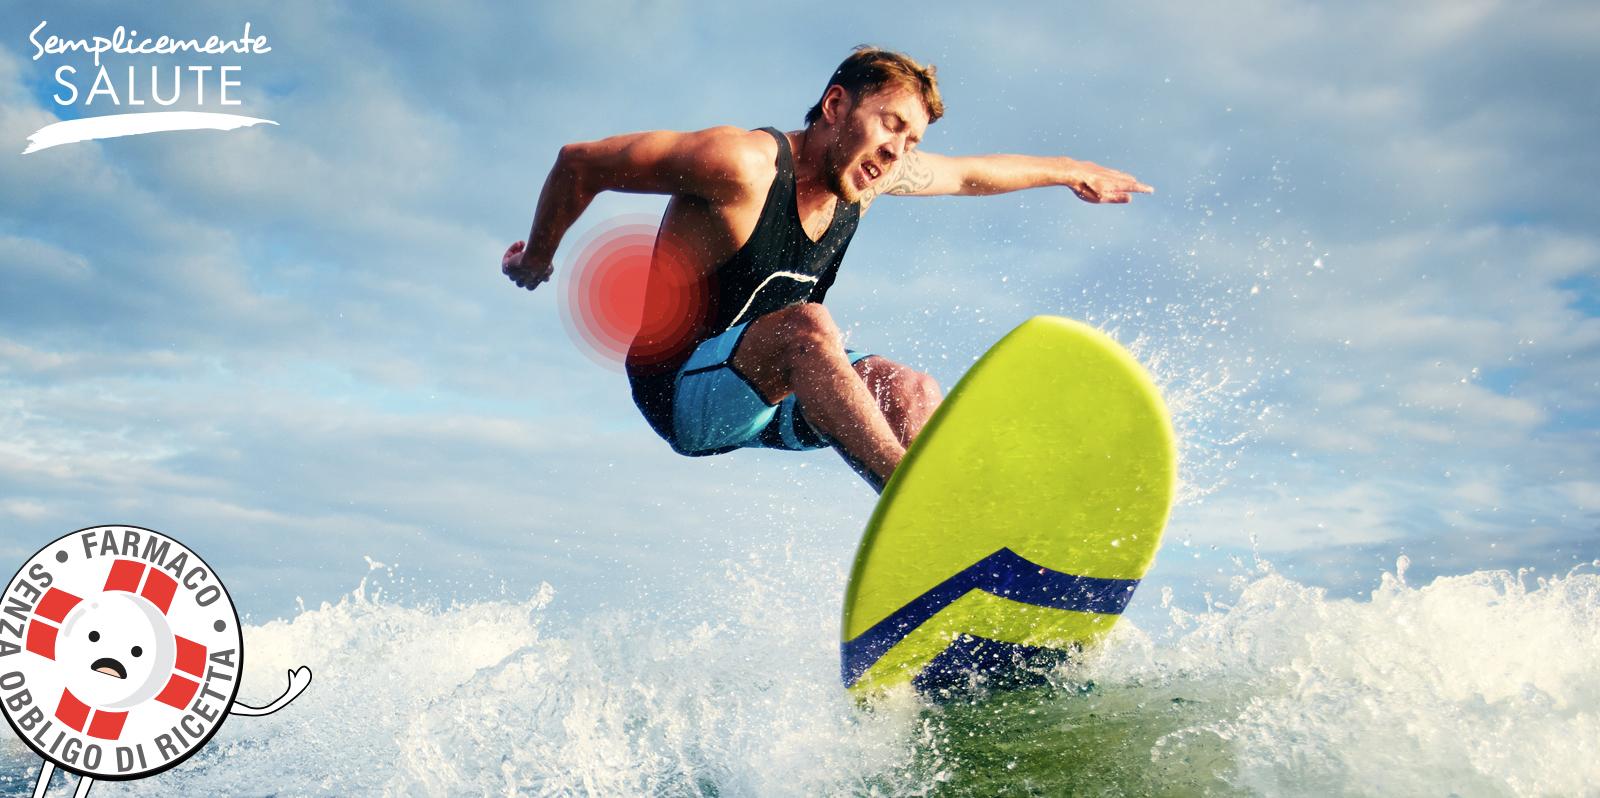 Via sul surf ma occhio alla schiena